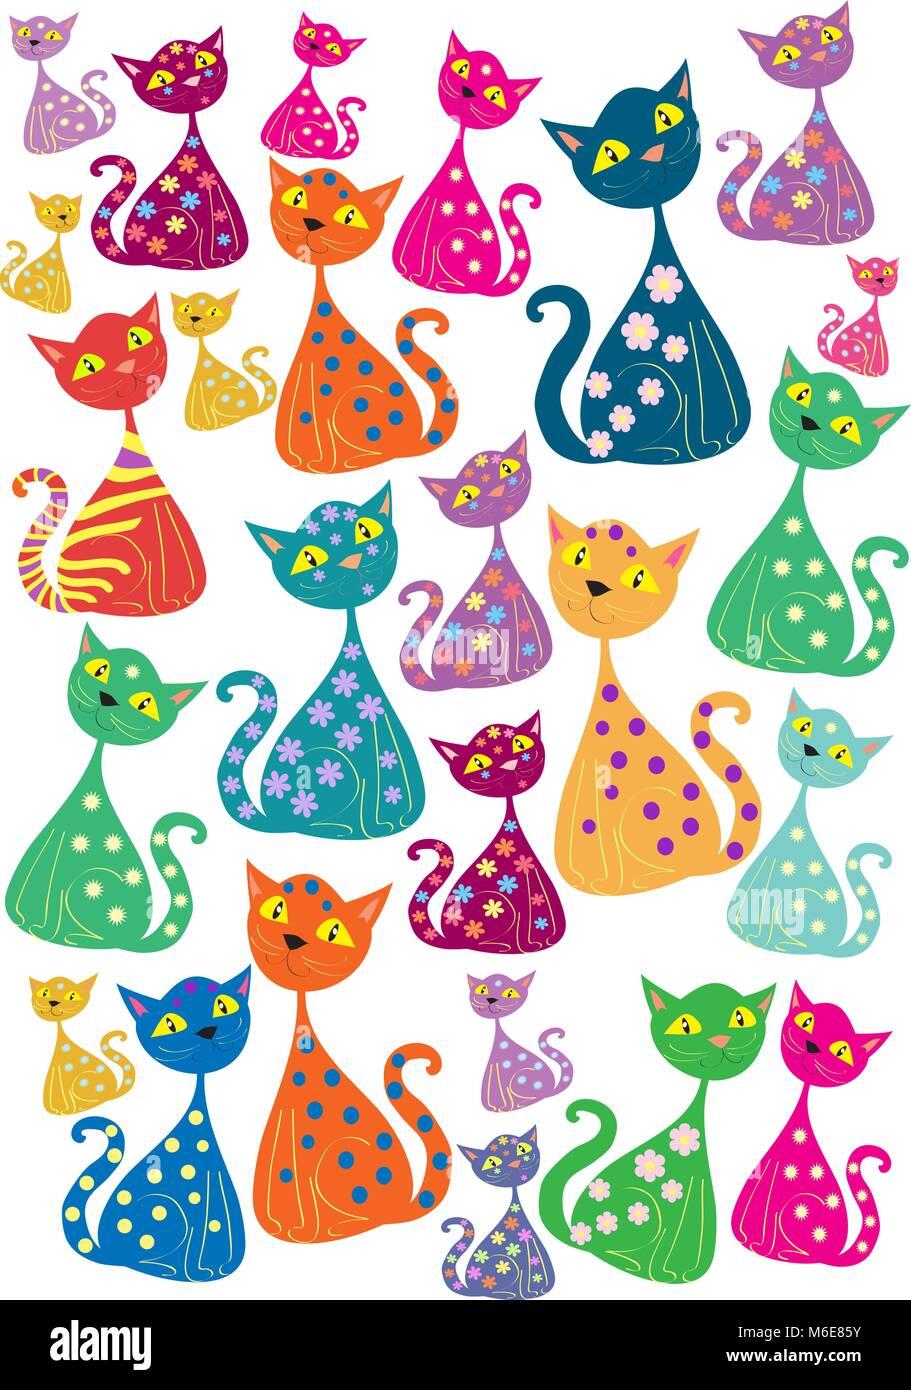 Multi-colored cats - Stock Vector